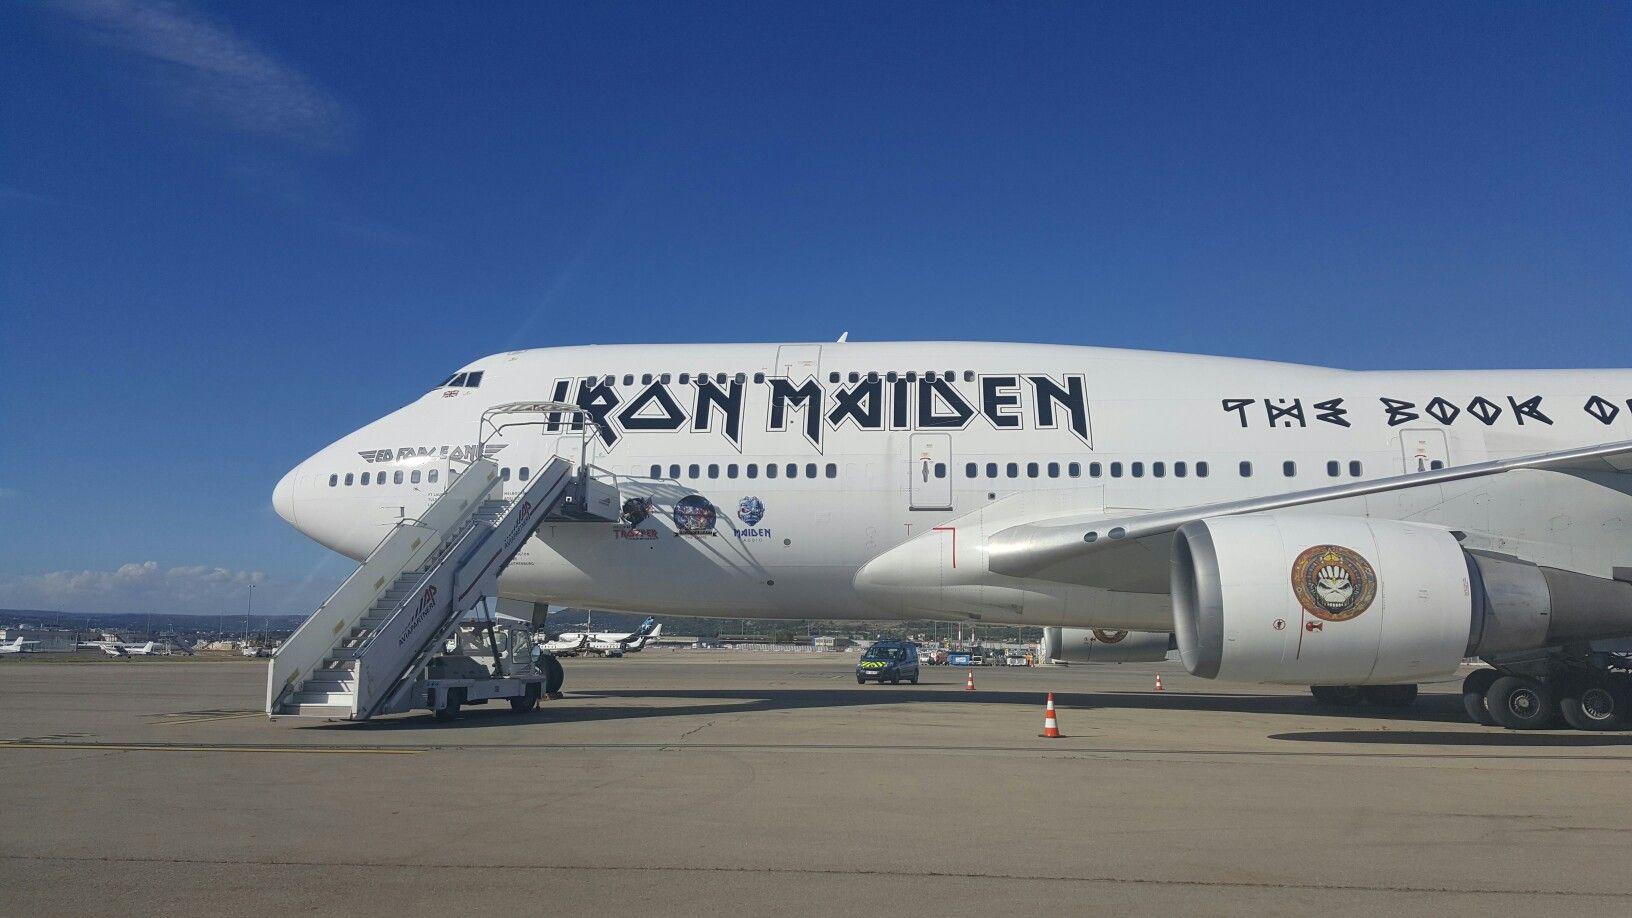 Épinglé par garance sur avion plane iron maiden | pinterest